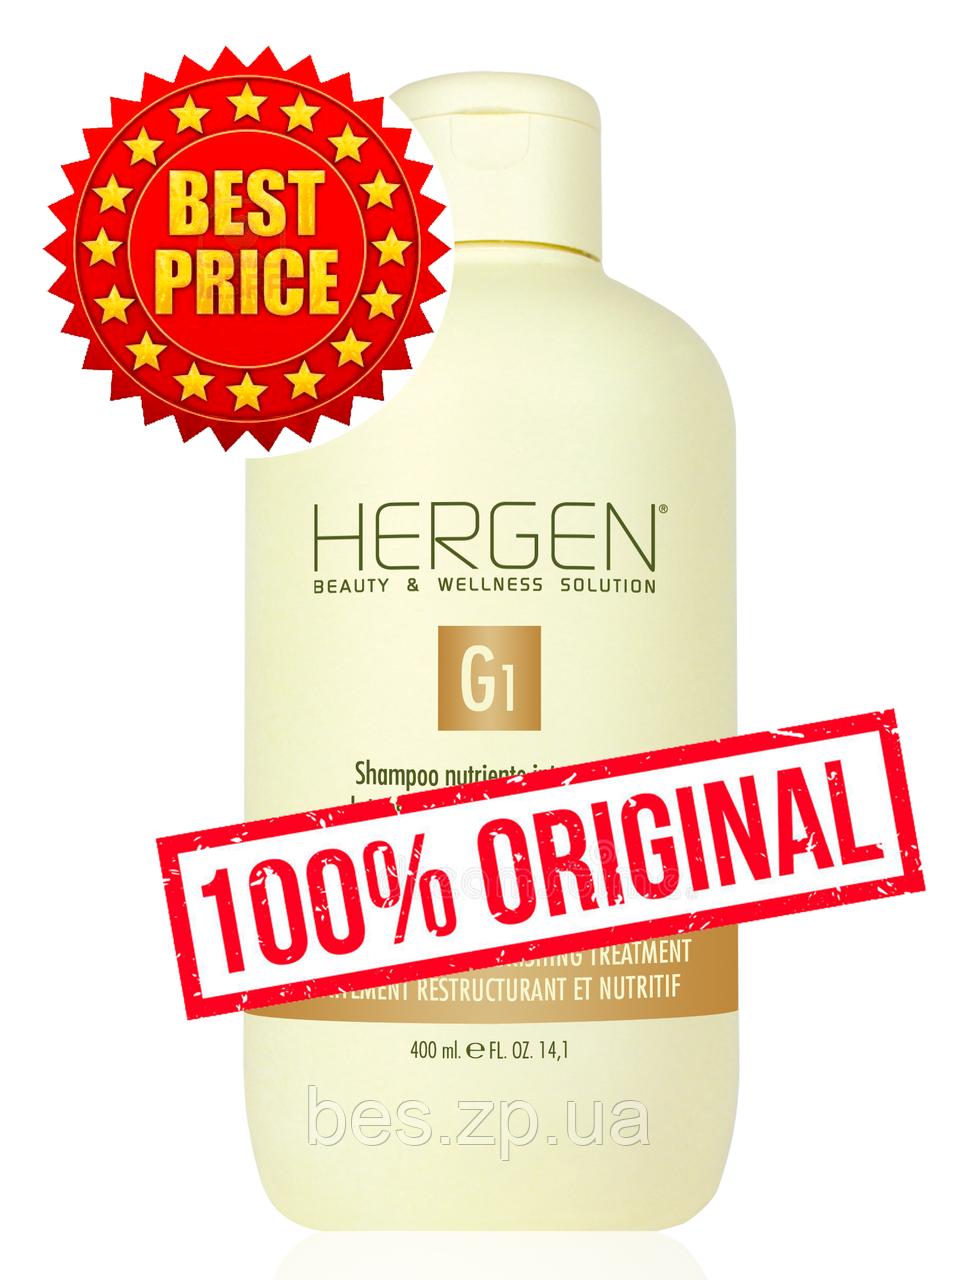 Питательный интенсивный шампунь для сухих волос Hergen G1 400 мл